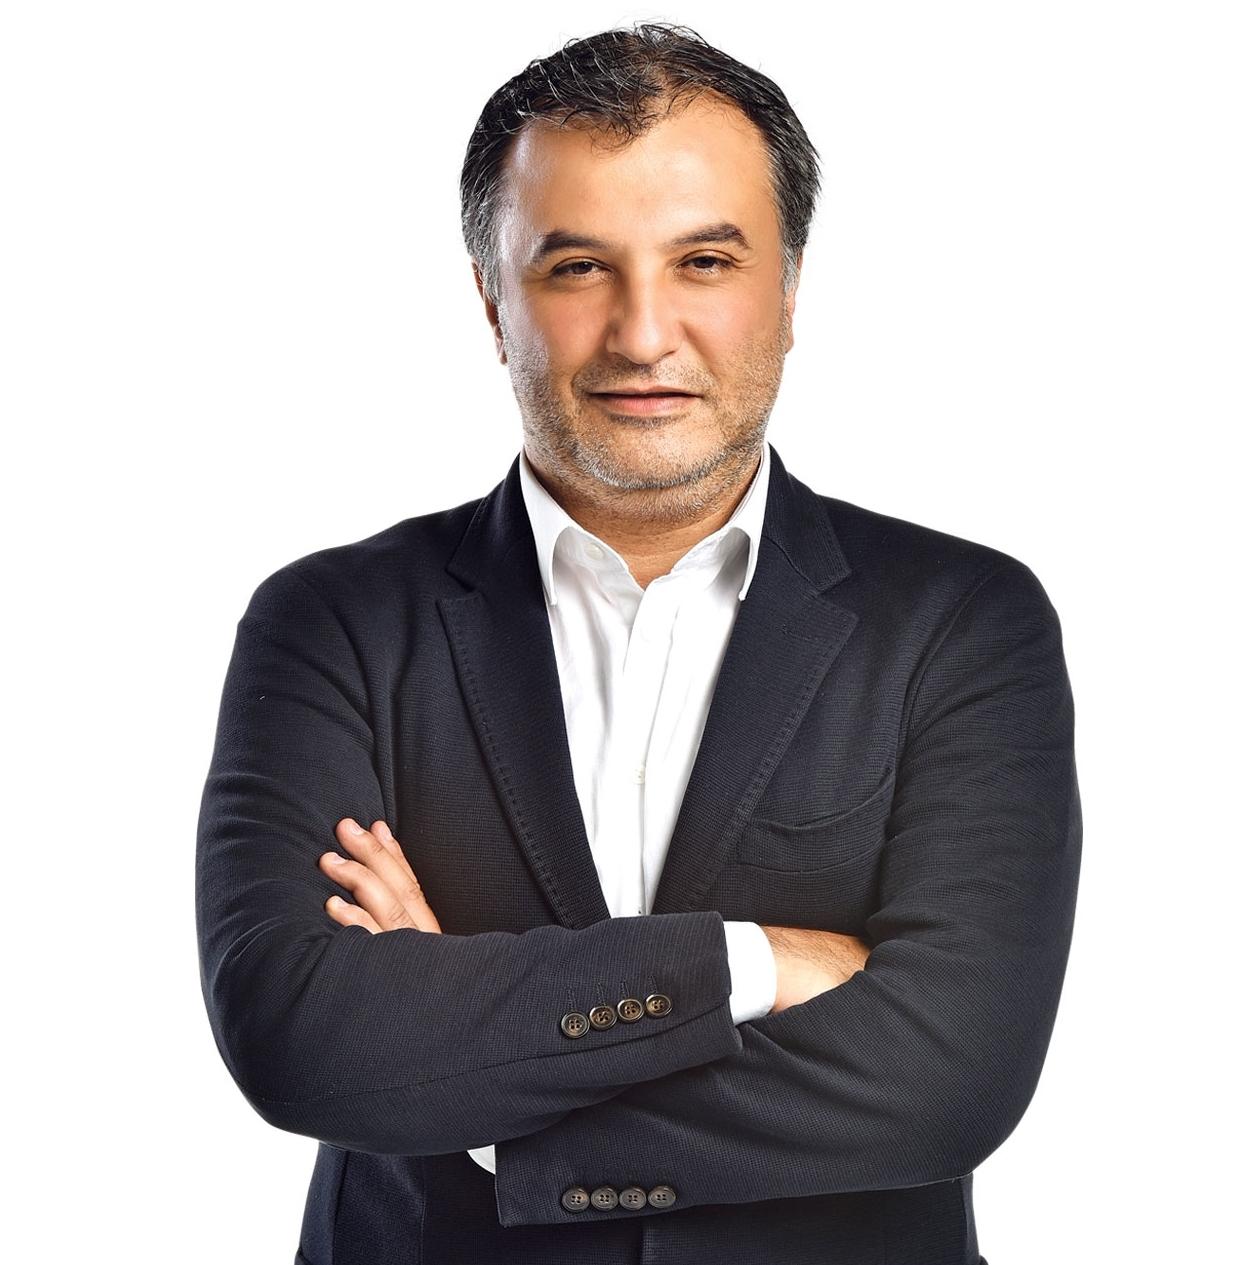 Mehmet AYAN - Lig Radyo Genel Yayın YönetmeniTelevizyoncuGazeteciKonuşma Başlığı: İletişimin Geri Dönüşü Yoktur!